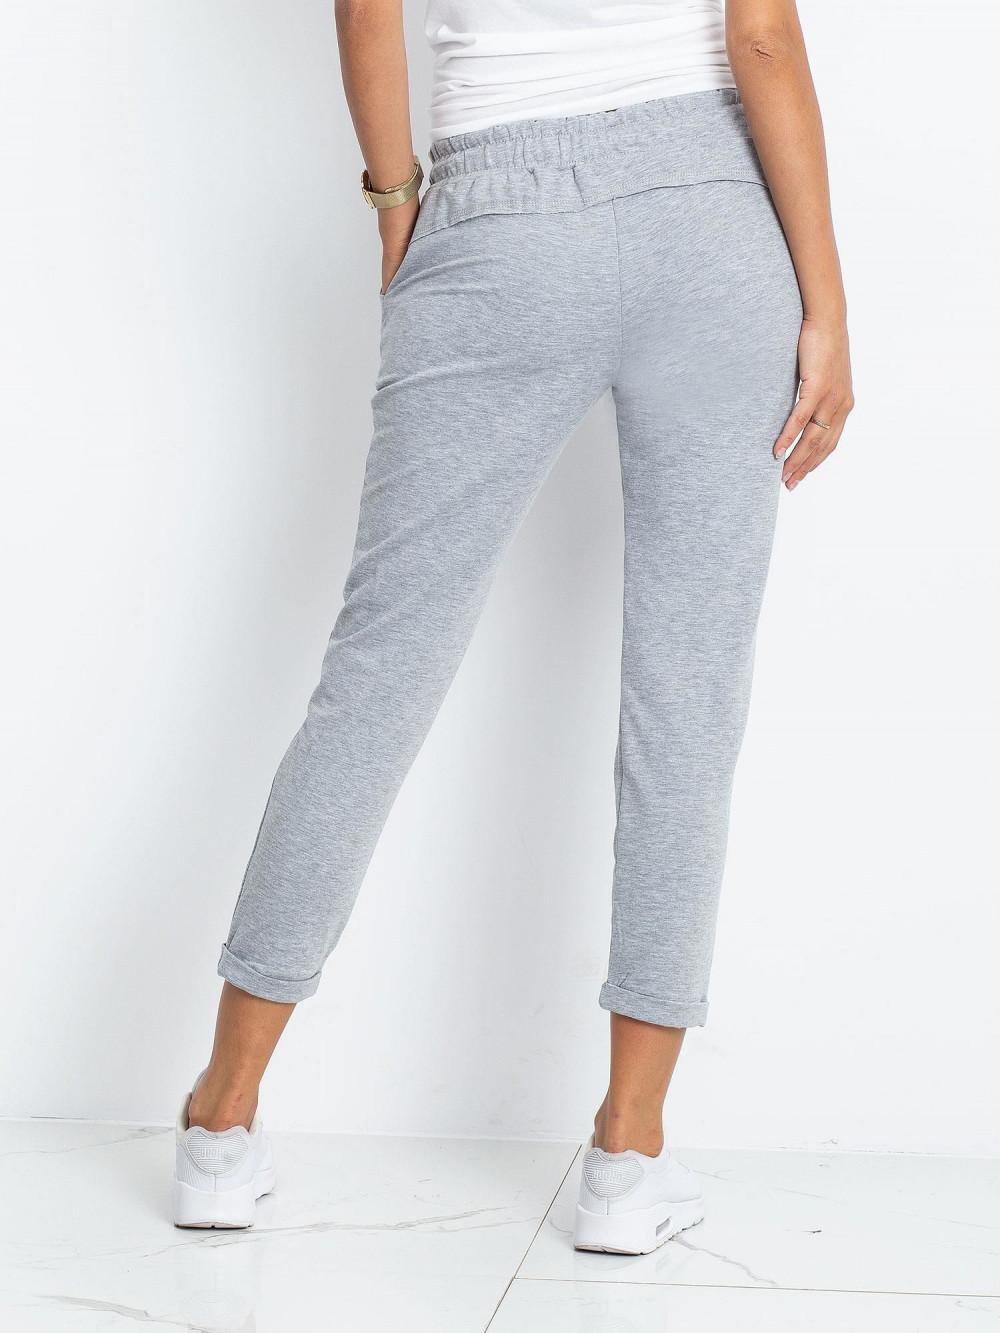 Jasnoszare spodnie dresowe z kieszeniami Viole 4